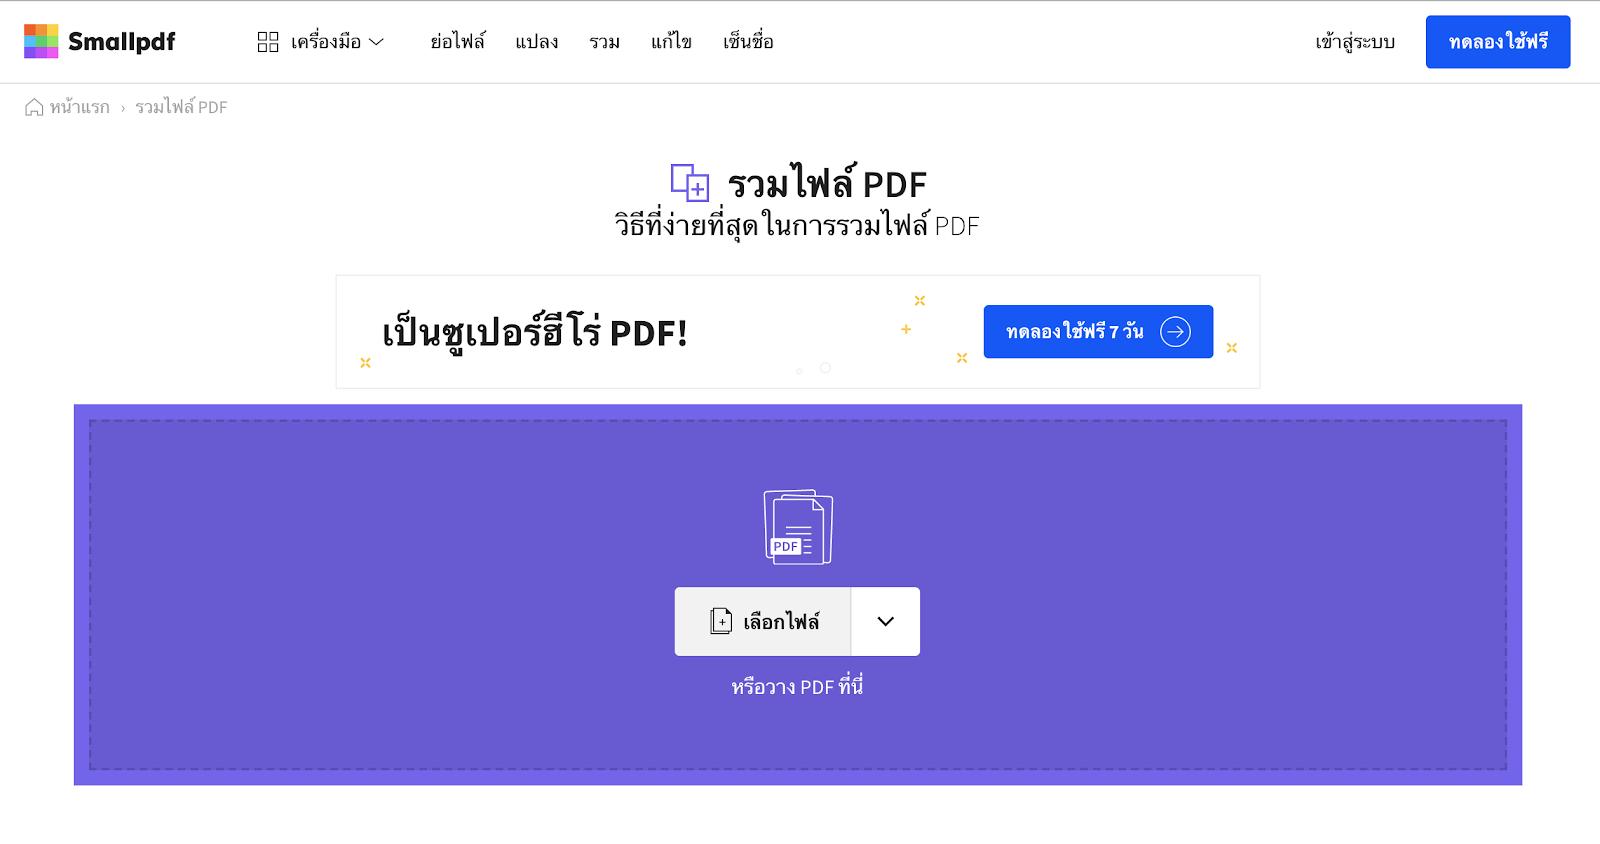 มาดูวิธีรวมไฟล์ pdf ยังไงให้เป็นไฟล์เดียวแบบออนไลน์ ฟรี!